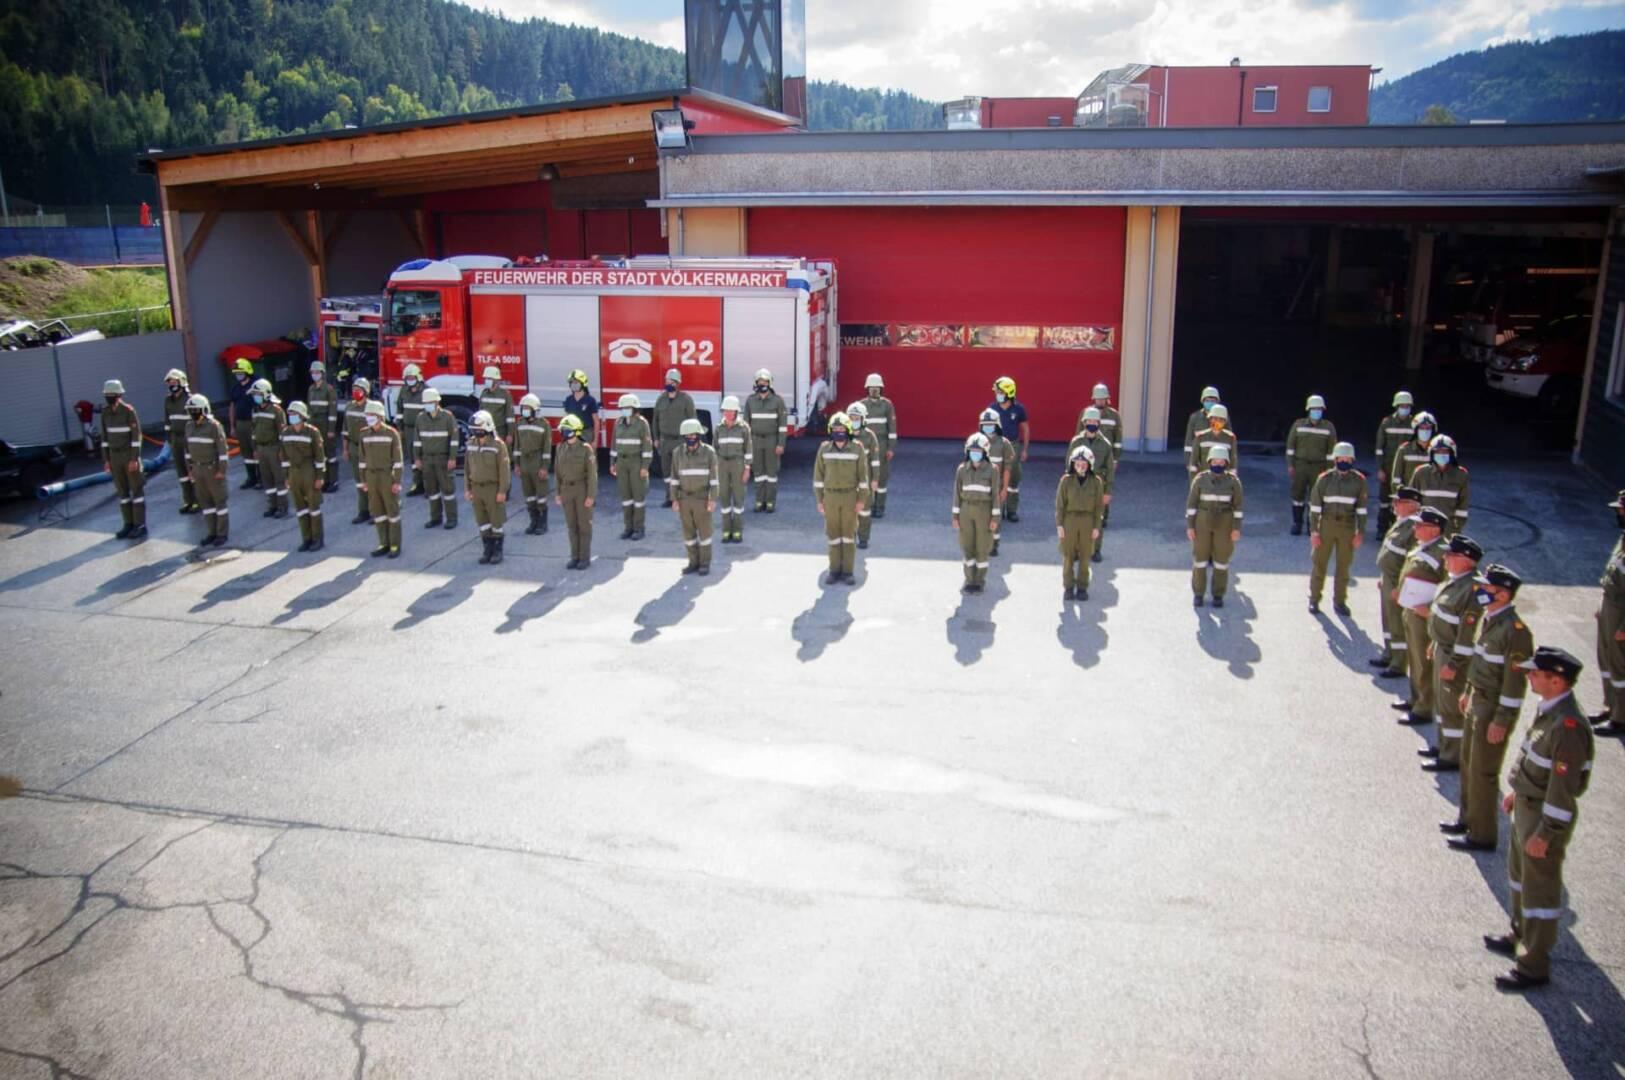 38 Maschinisten unter Corona-Sicherheitsmaßnahmen ausgebildet